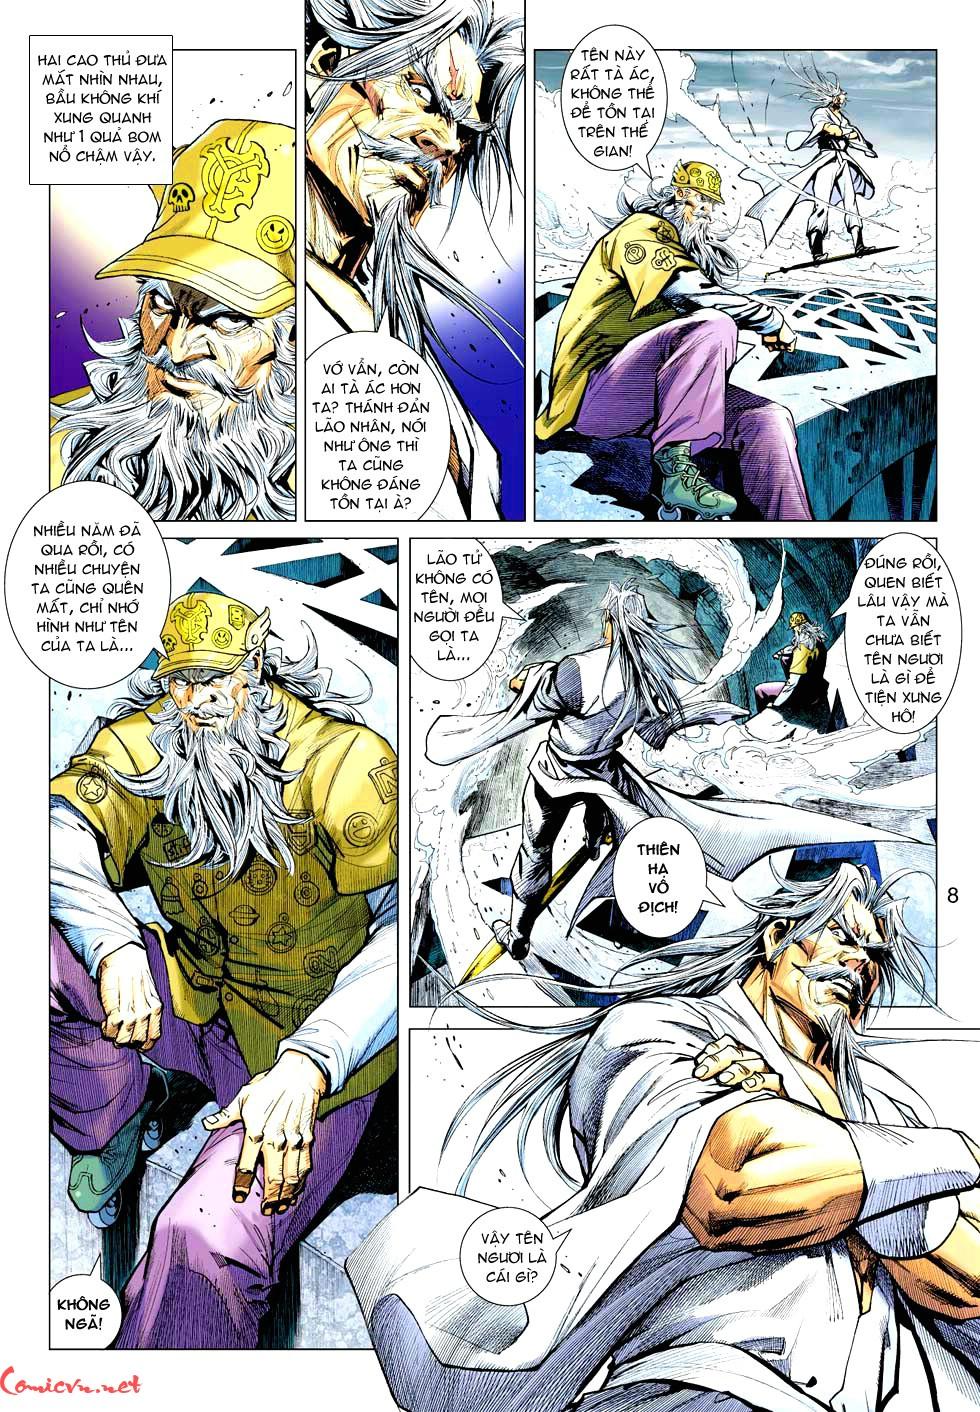 Vương Phong Lôi 1 chap 37 - Trang 28